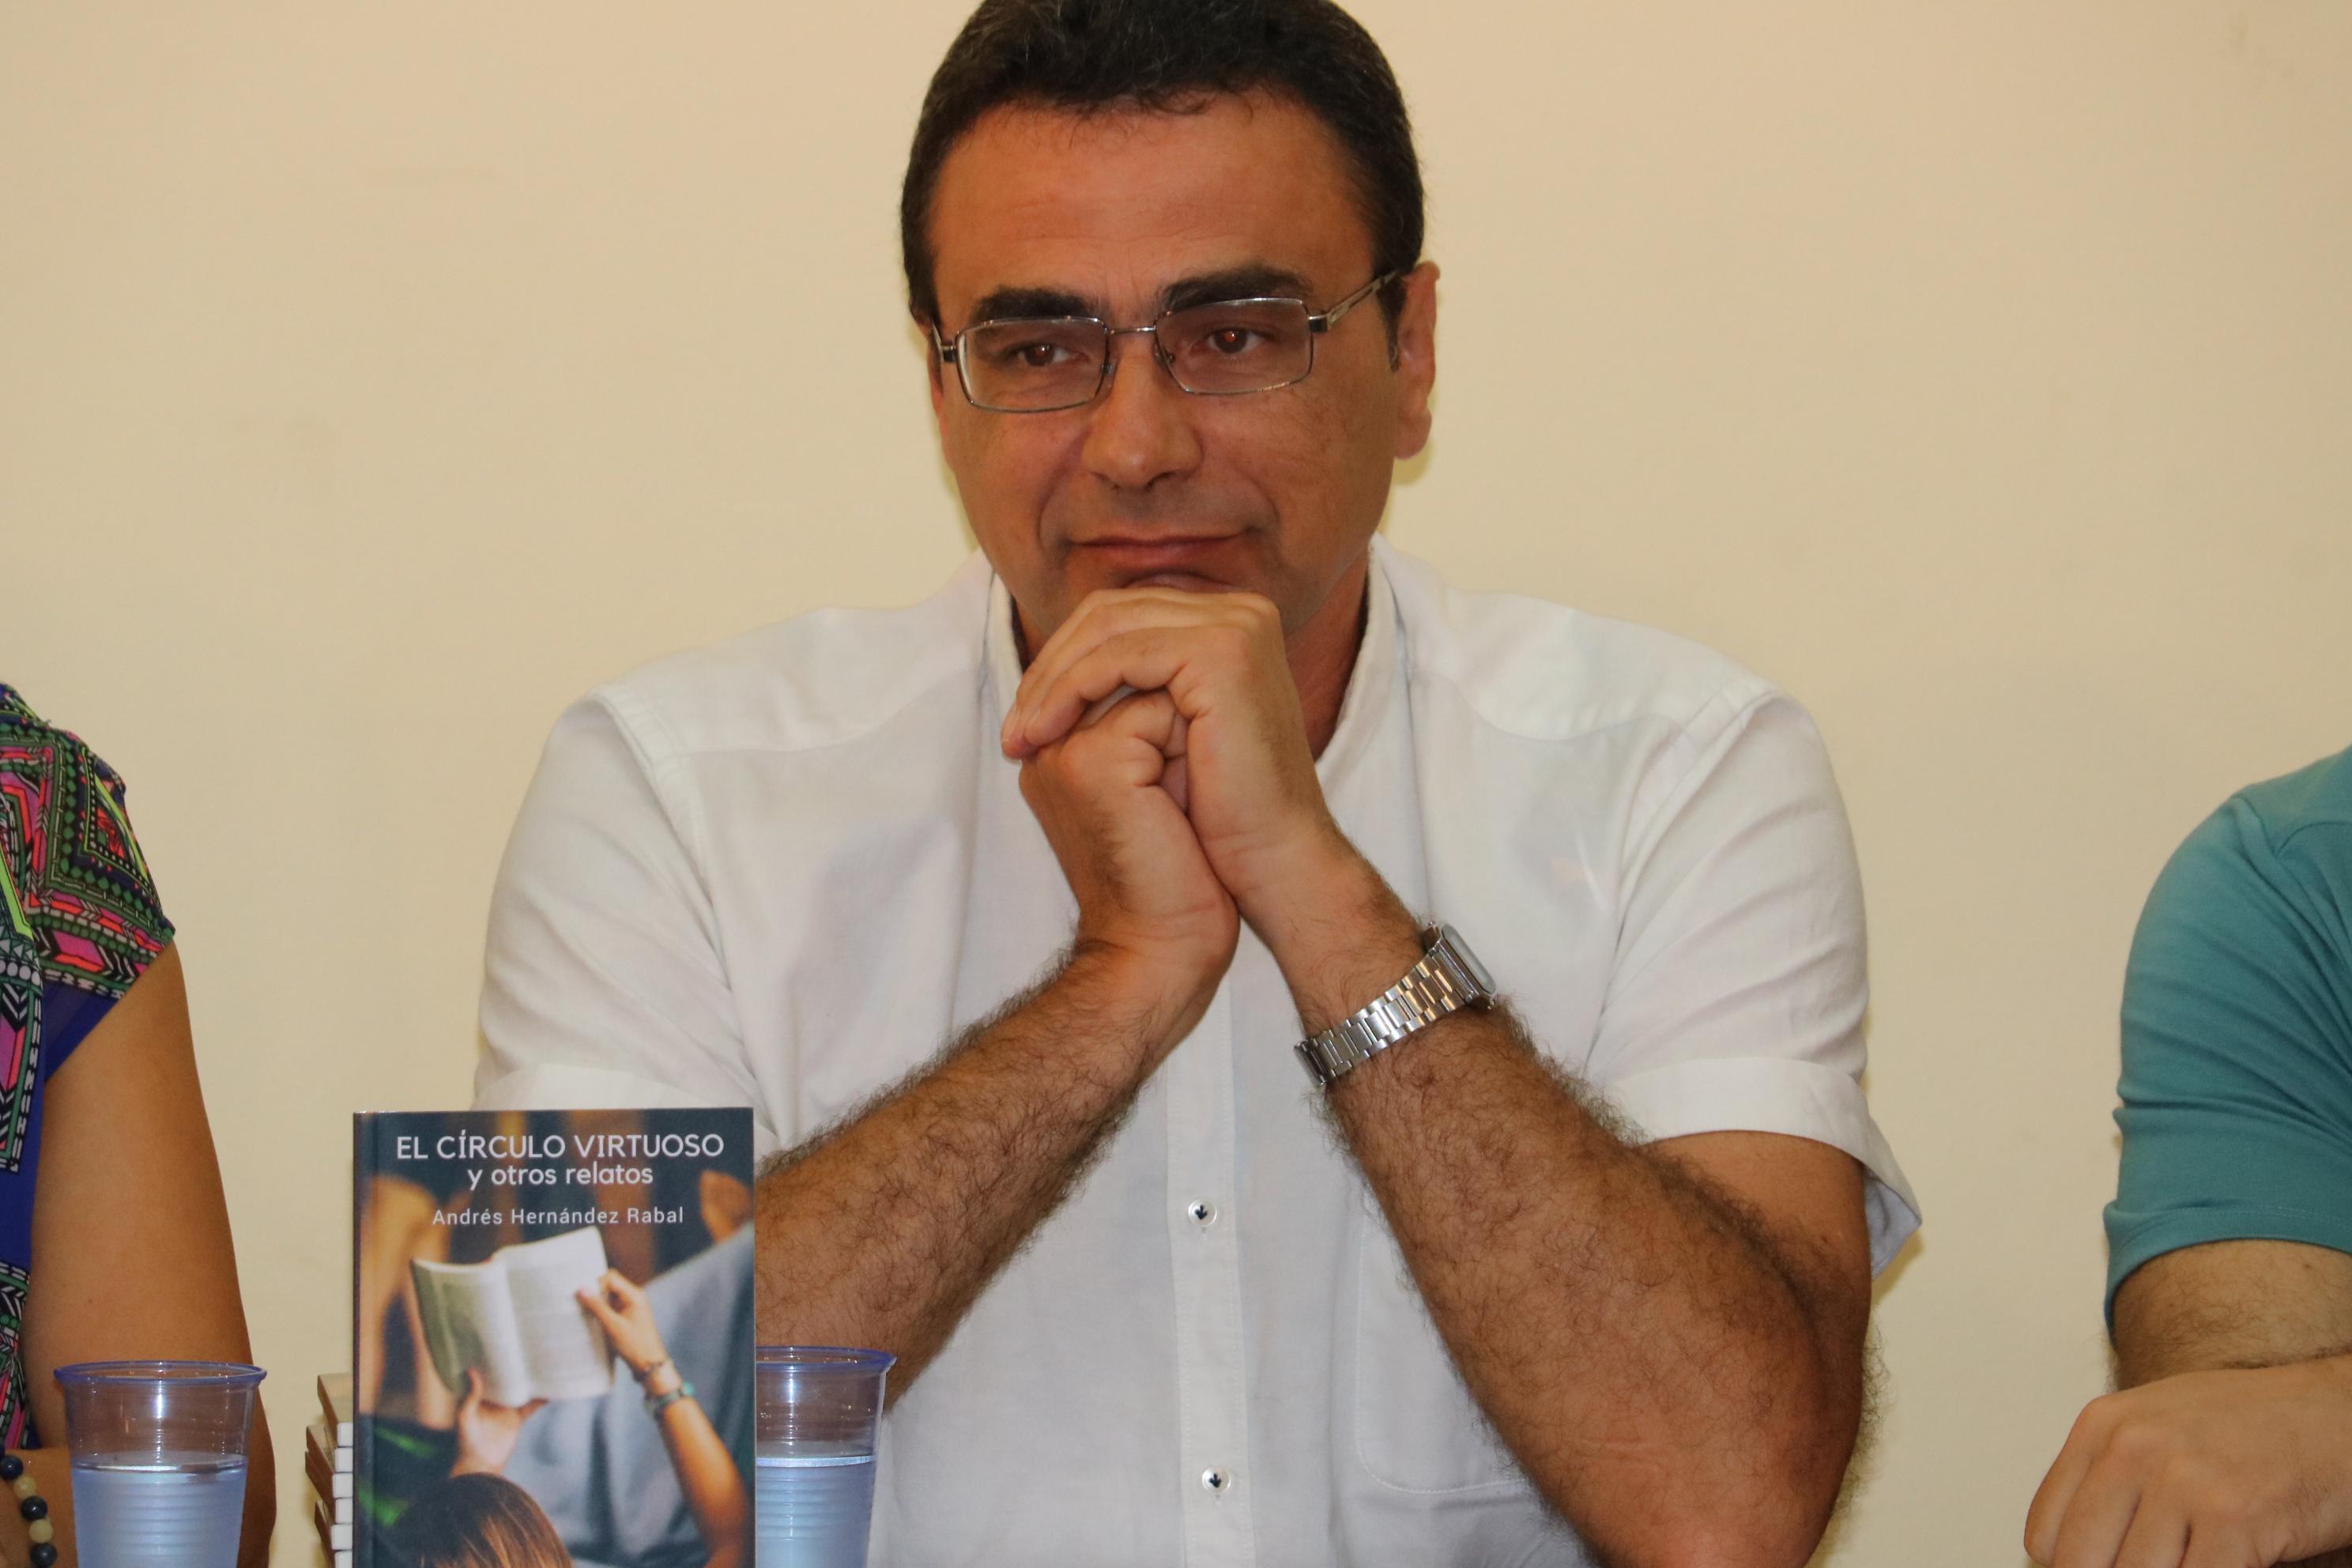 L'autor local Andrés Hernández, protagonista del Club de lectura